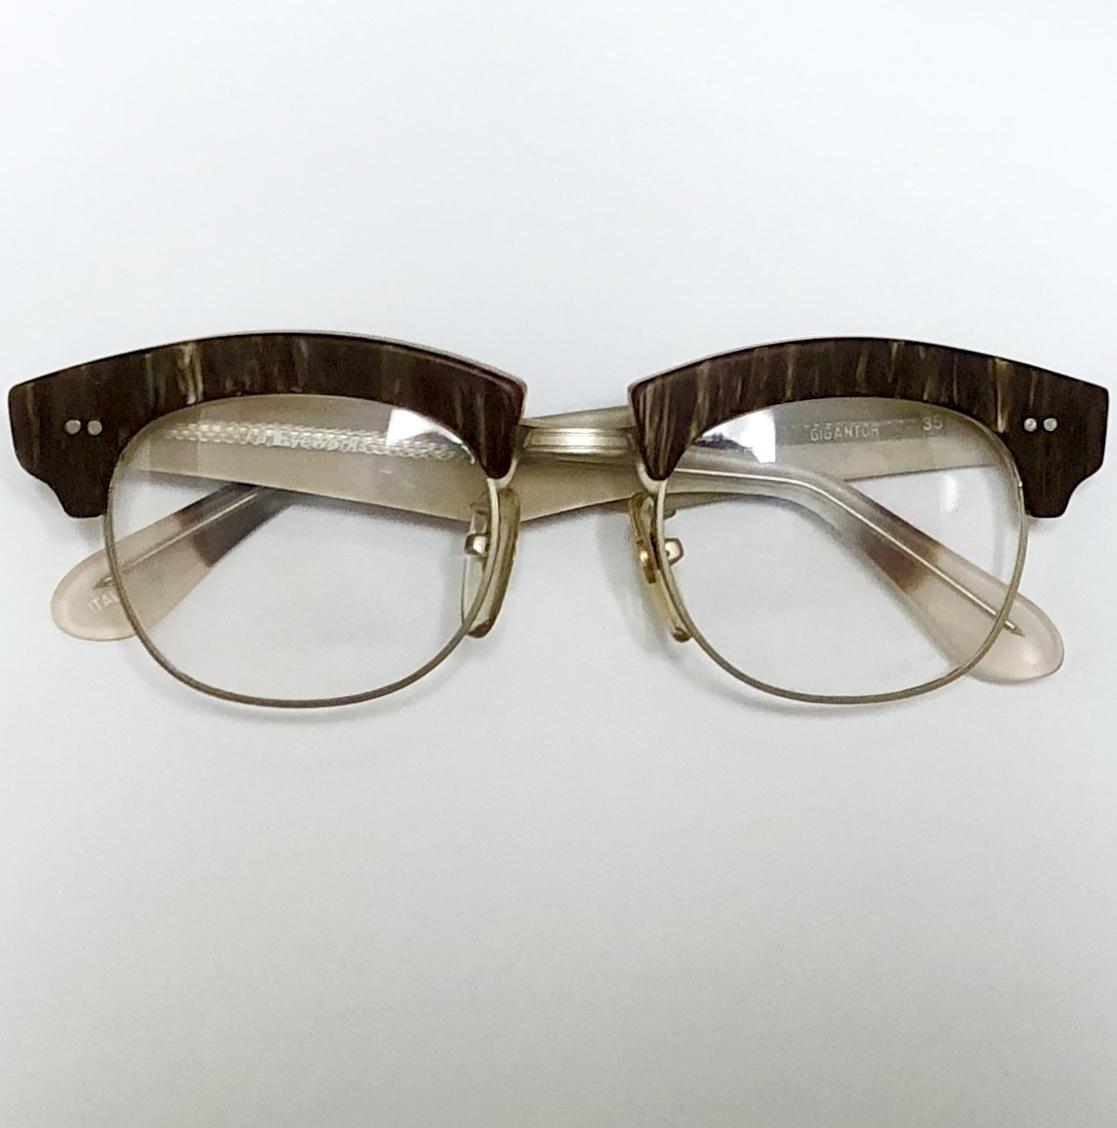 【ビンテージ・新品】1990年代 l.a. Eyeworks イタリア製 高級メガネ エルエーアイワークス ギガンター /ヴィンテージ 米国ブランド_画像9